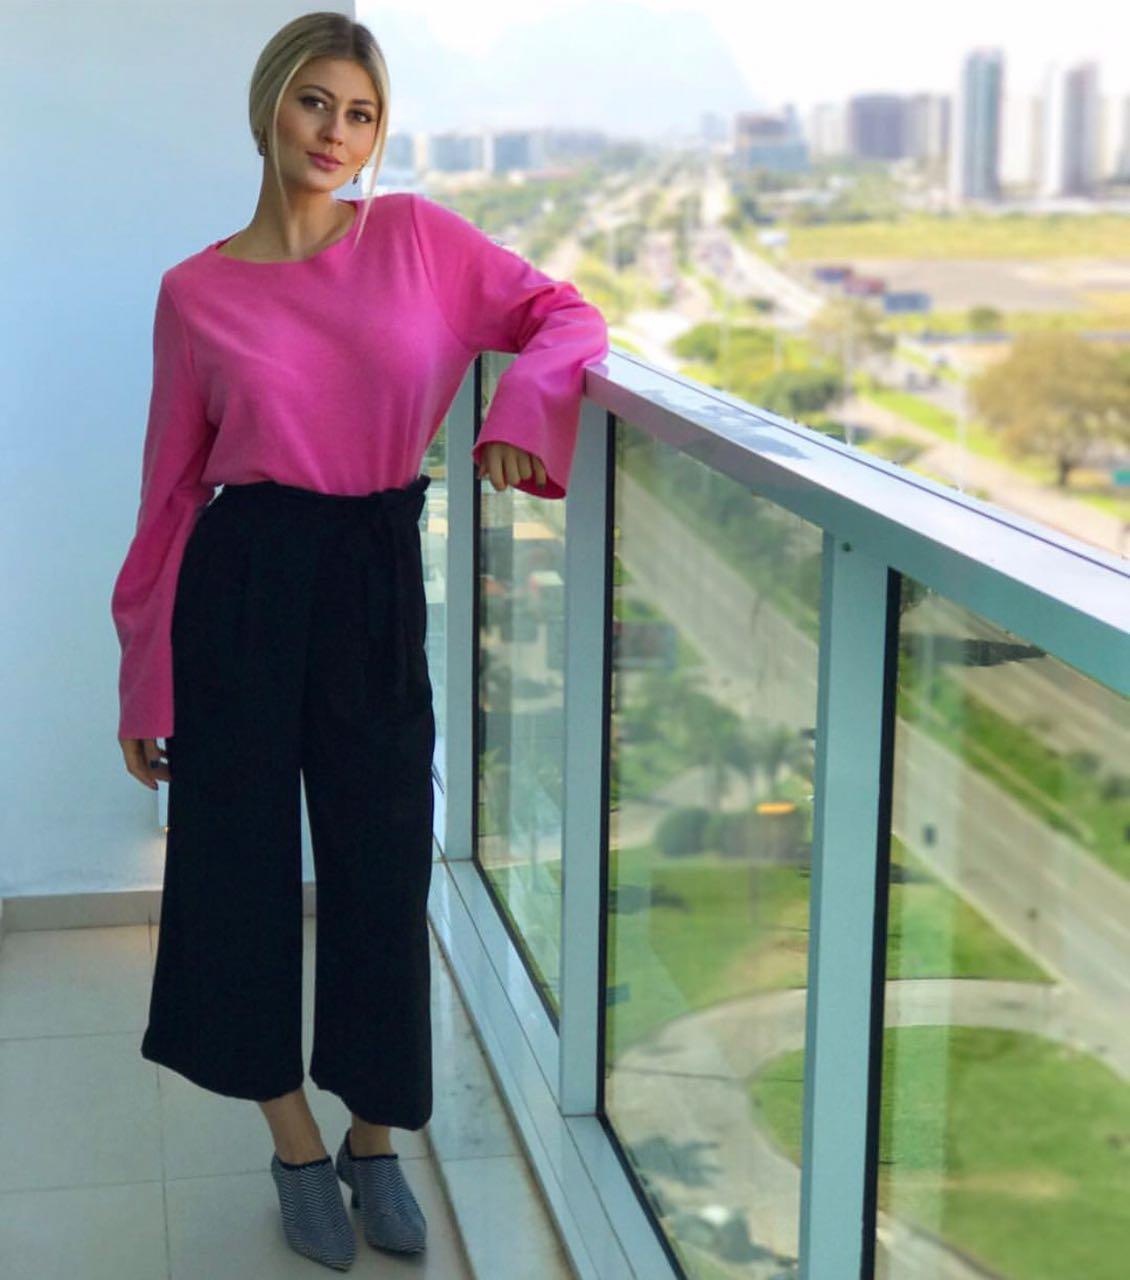 Cici de pantacourt e blusa rosa